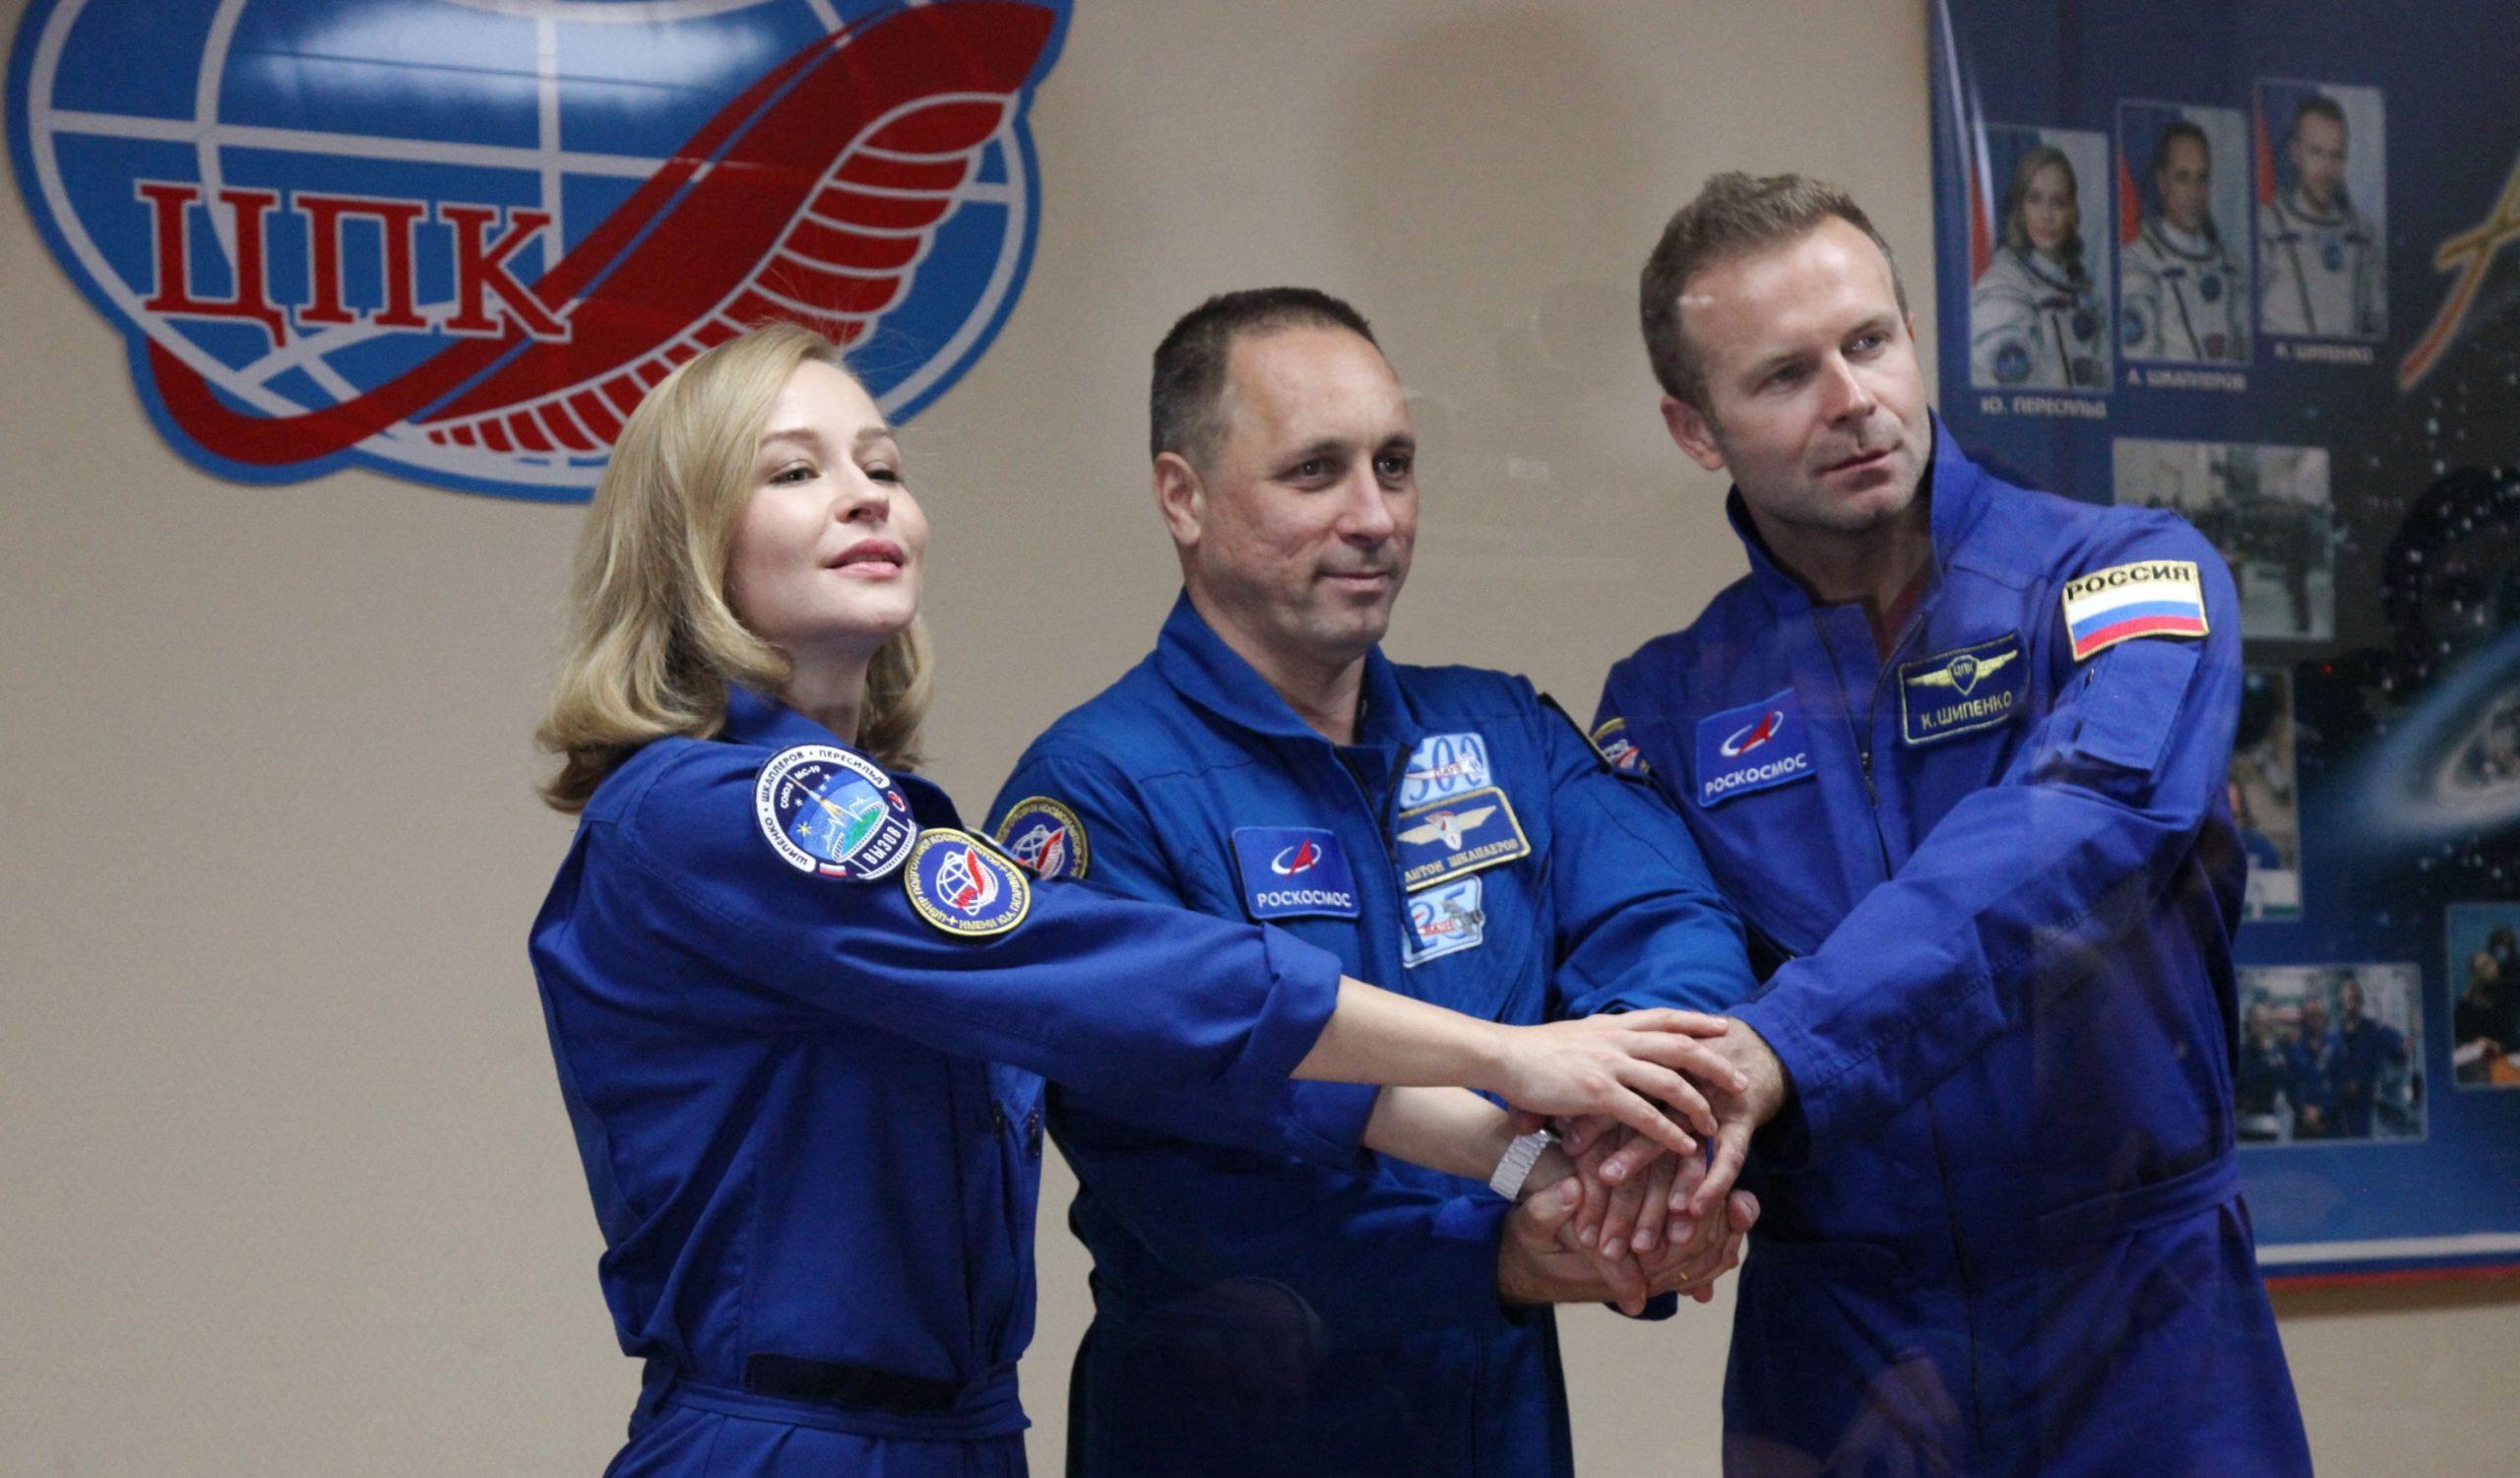 Rusët mundën Tom Cruise, do të xhirojnë në hapësirë për 12 ditë